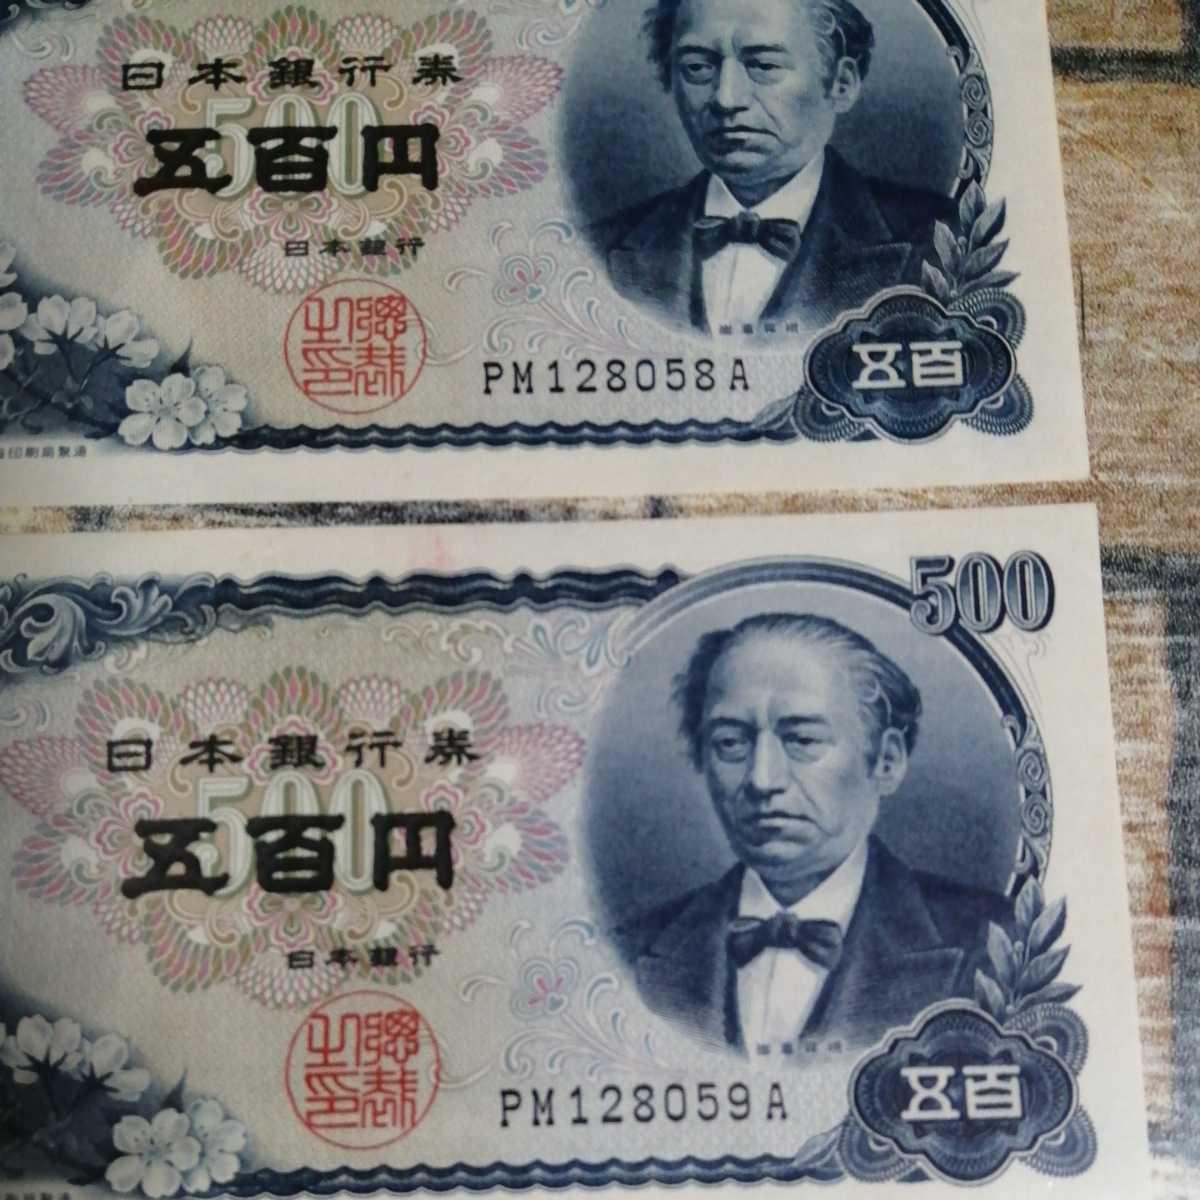 岩倉具視 500円札 五百円札 旧紙幣 日本銀行券 連番 未使用_画像3